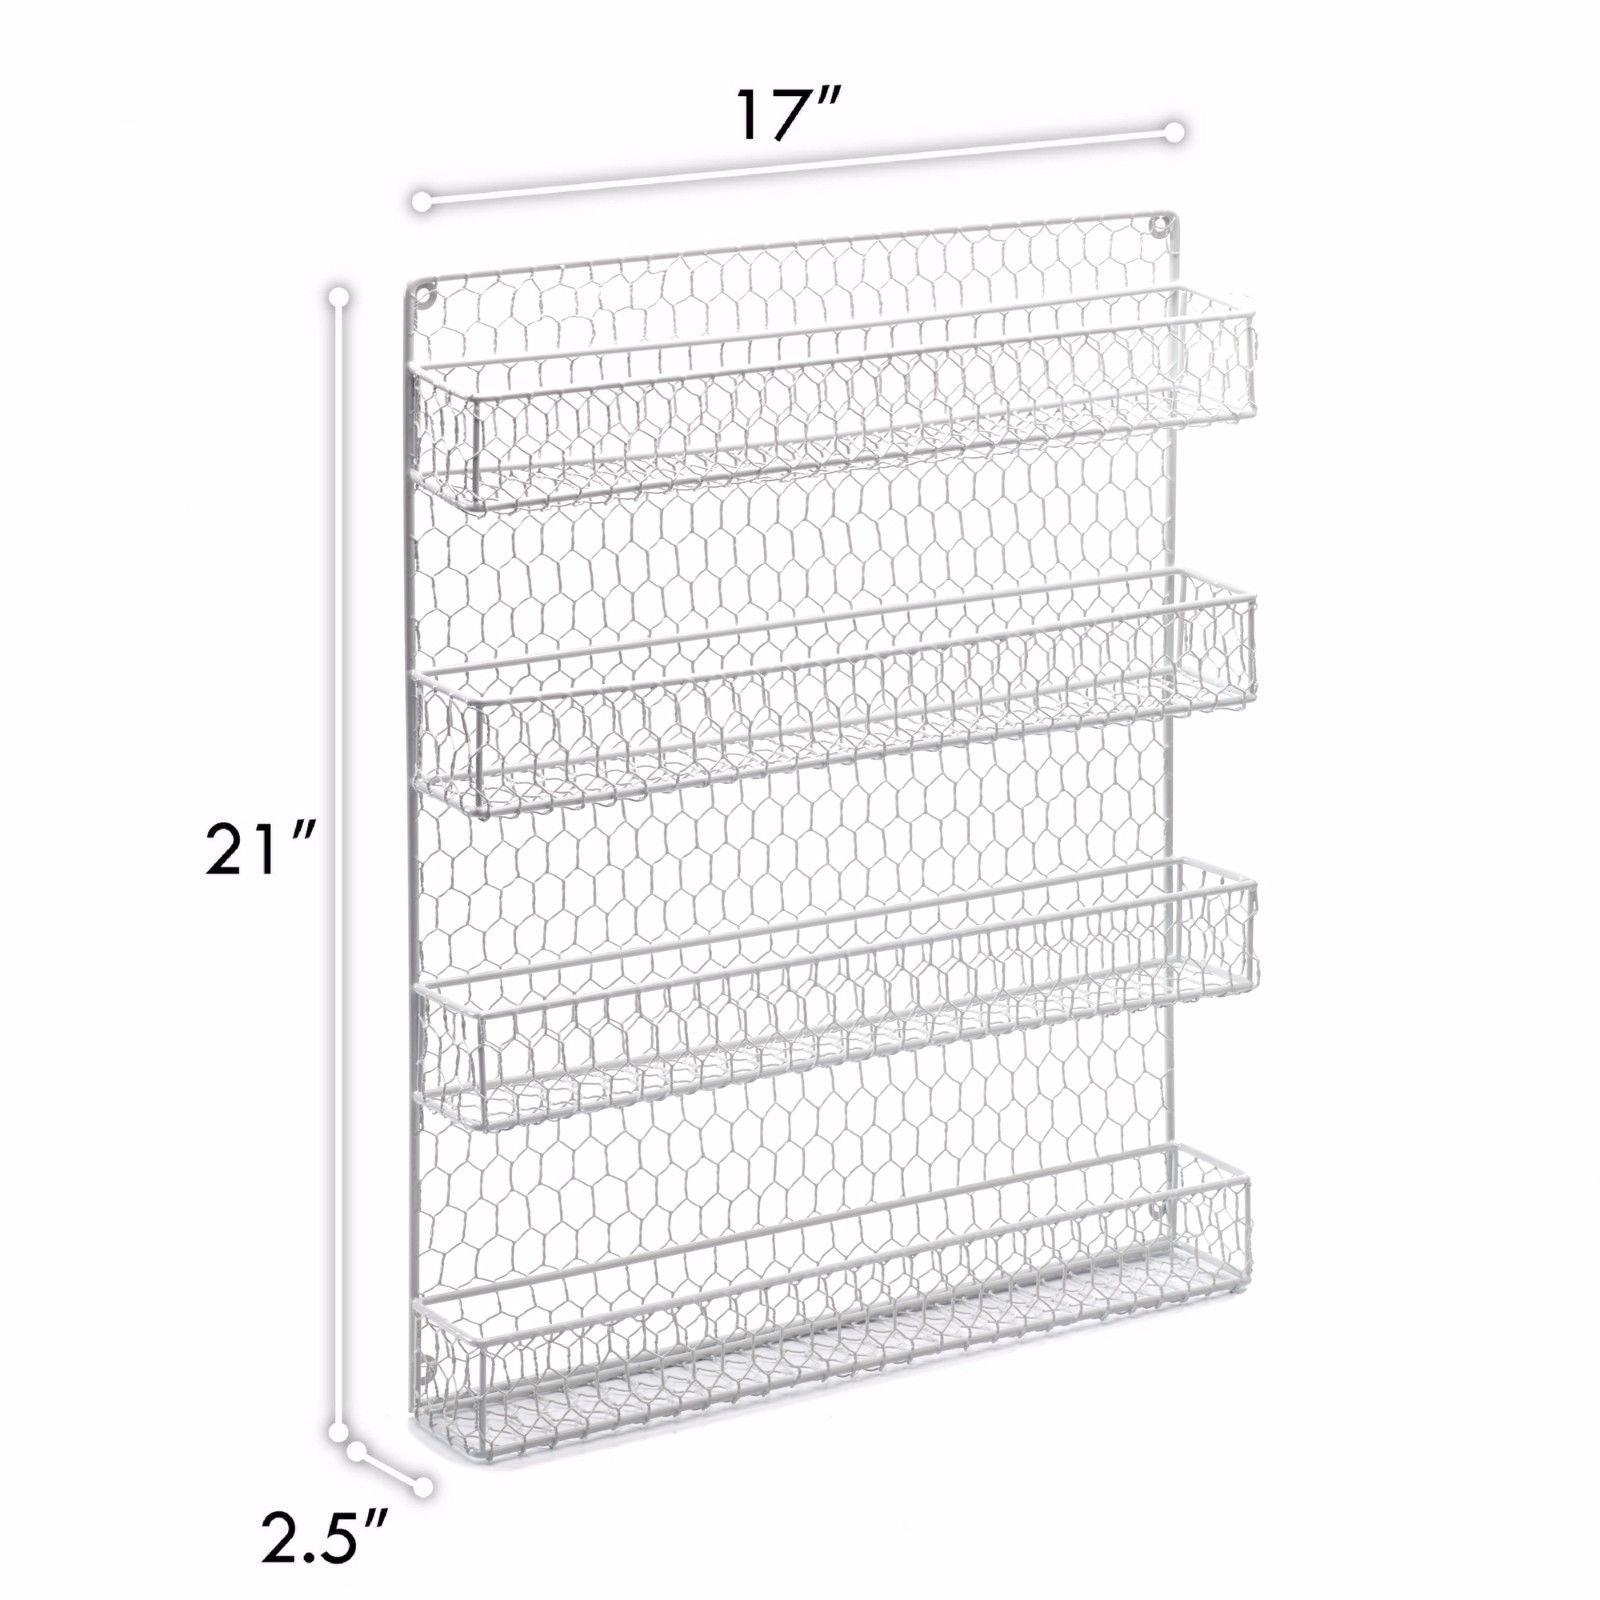 Funky Chicken Wire Shelf Vignette - Wiring Schematics and Diagrams ...